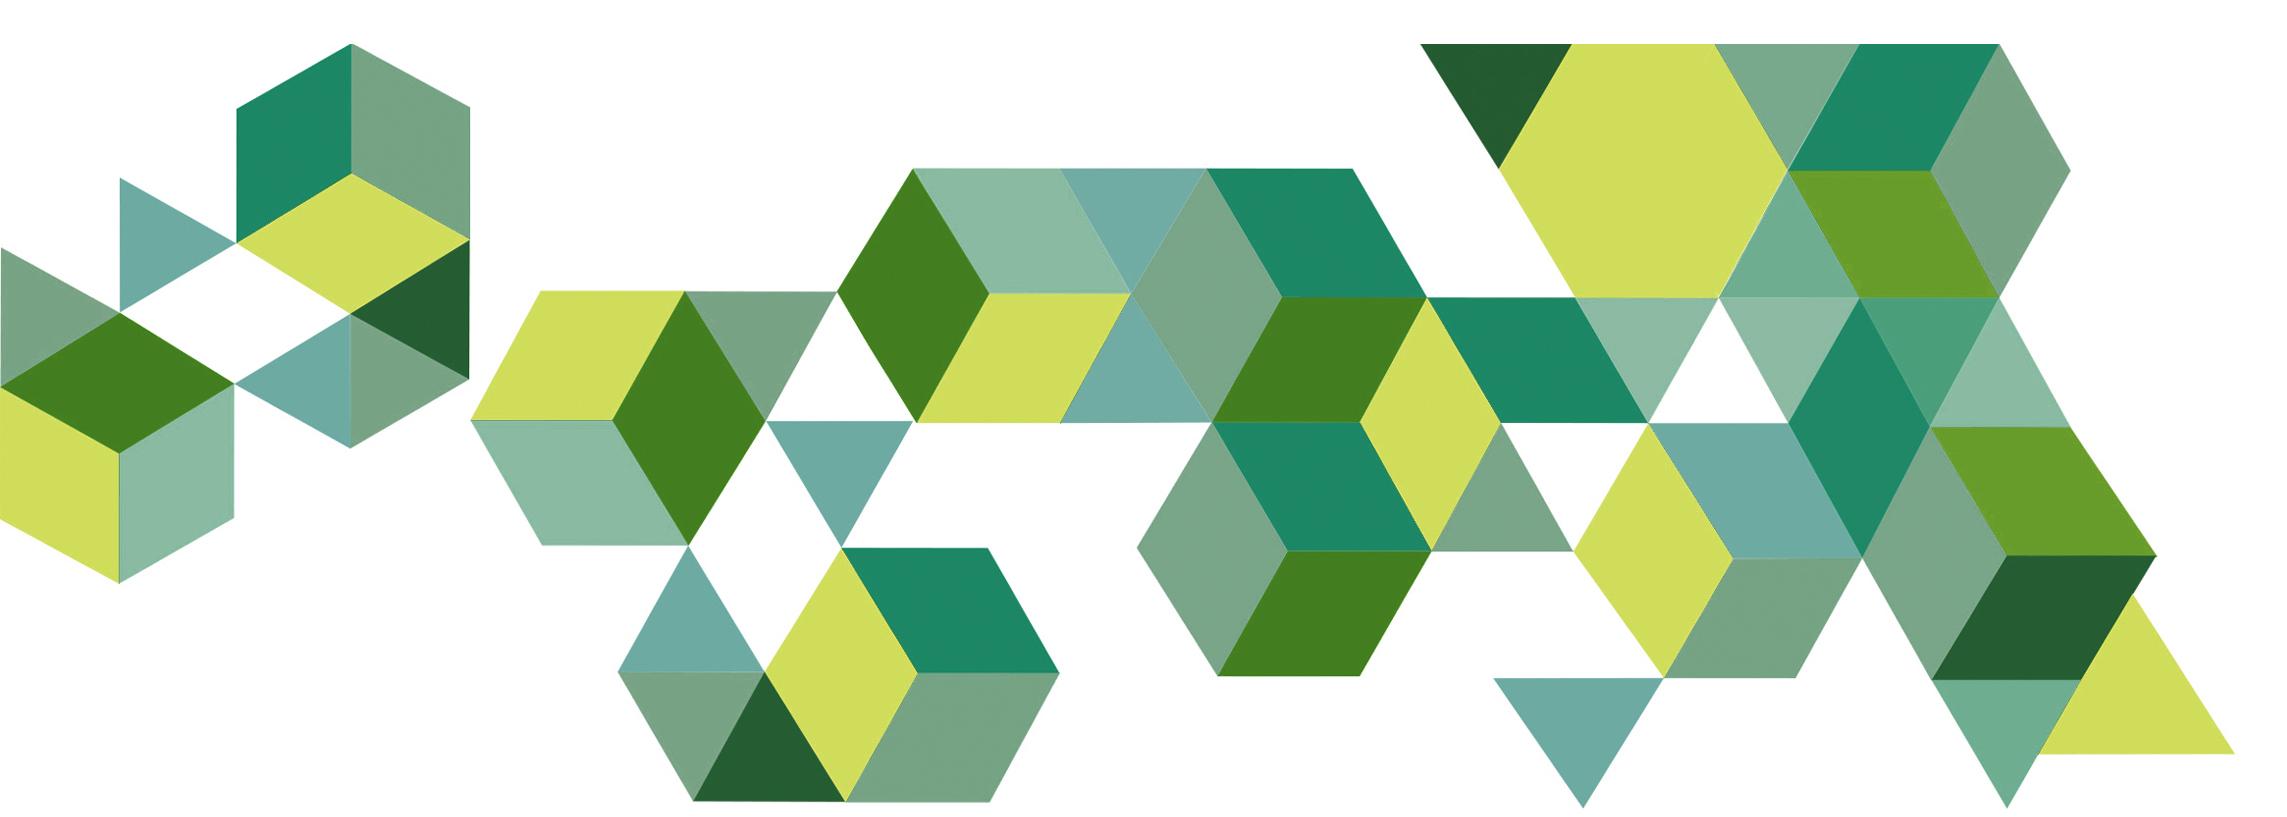 Dreiecke_2.jpg